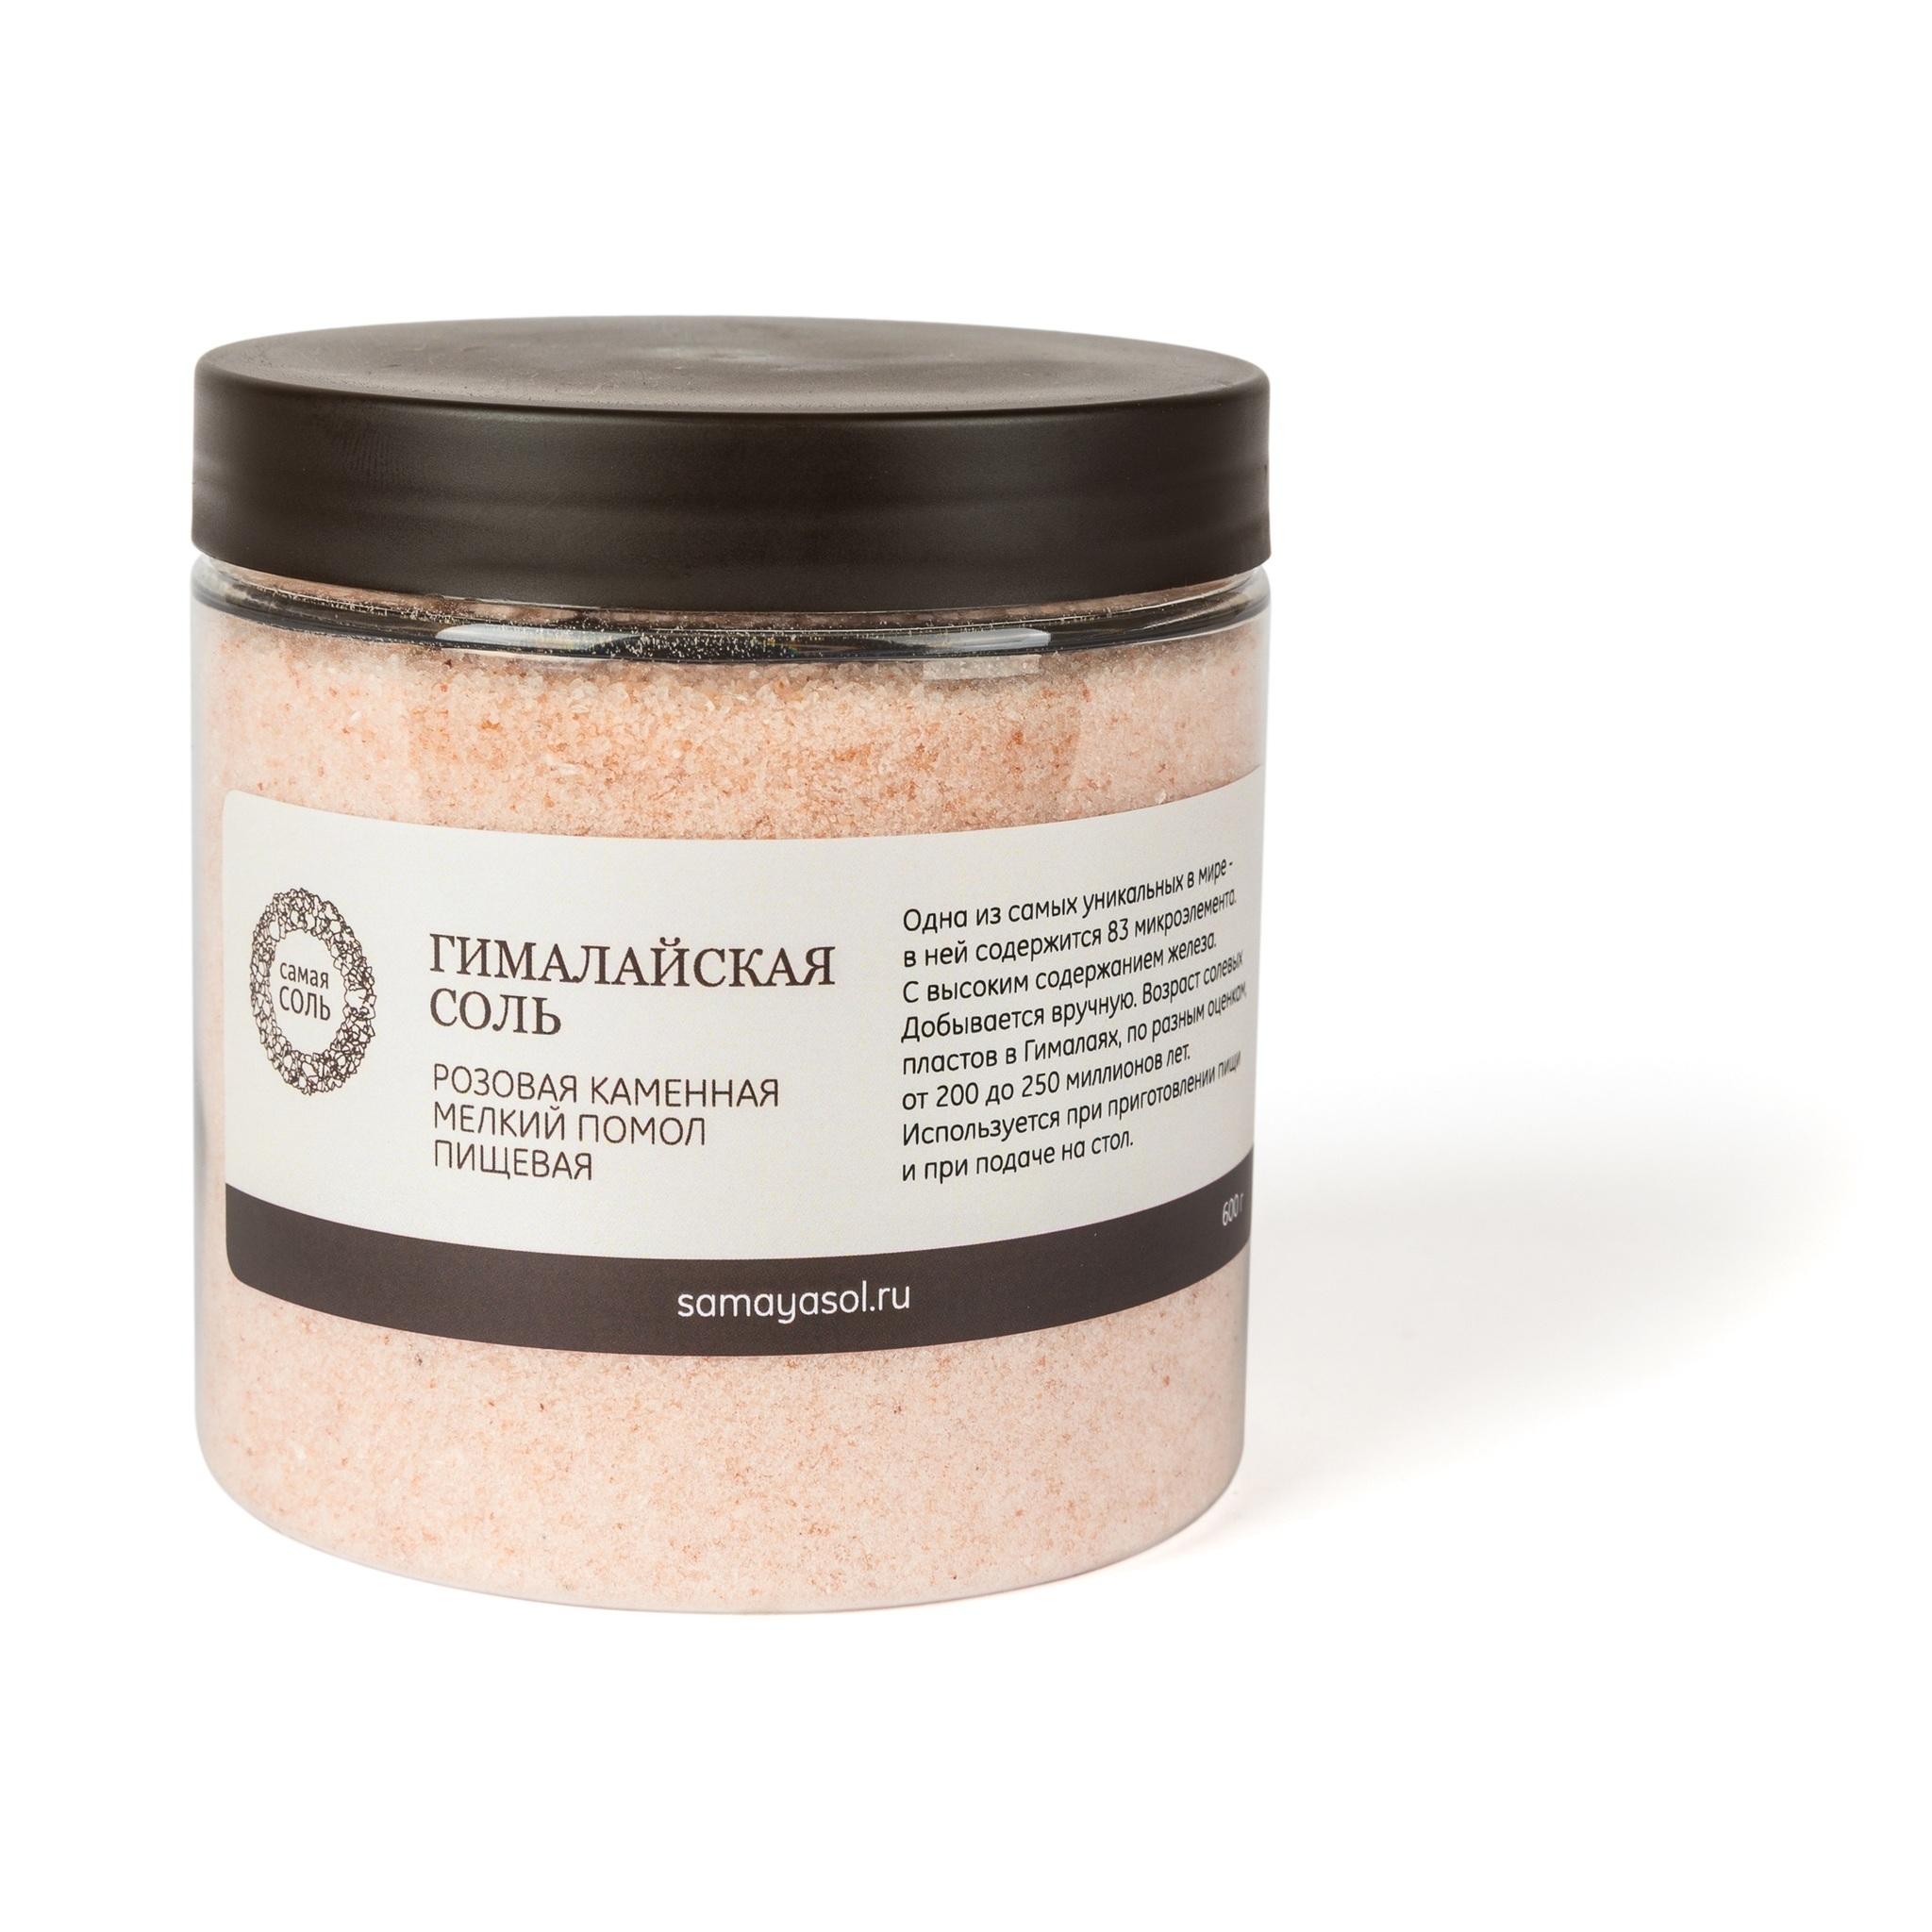 Гималайская соль мелкий помол